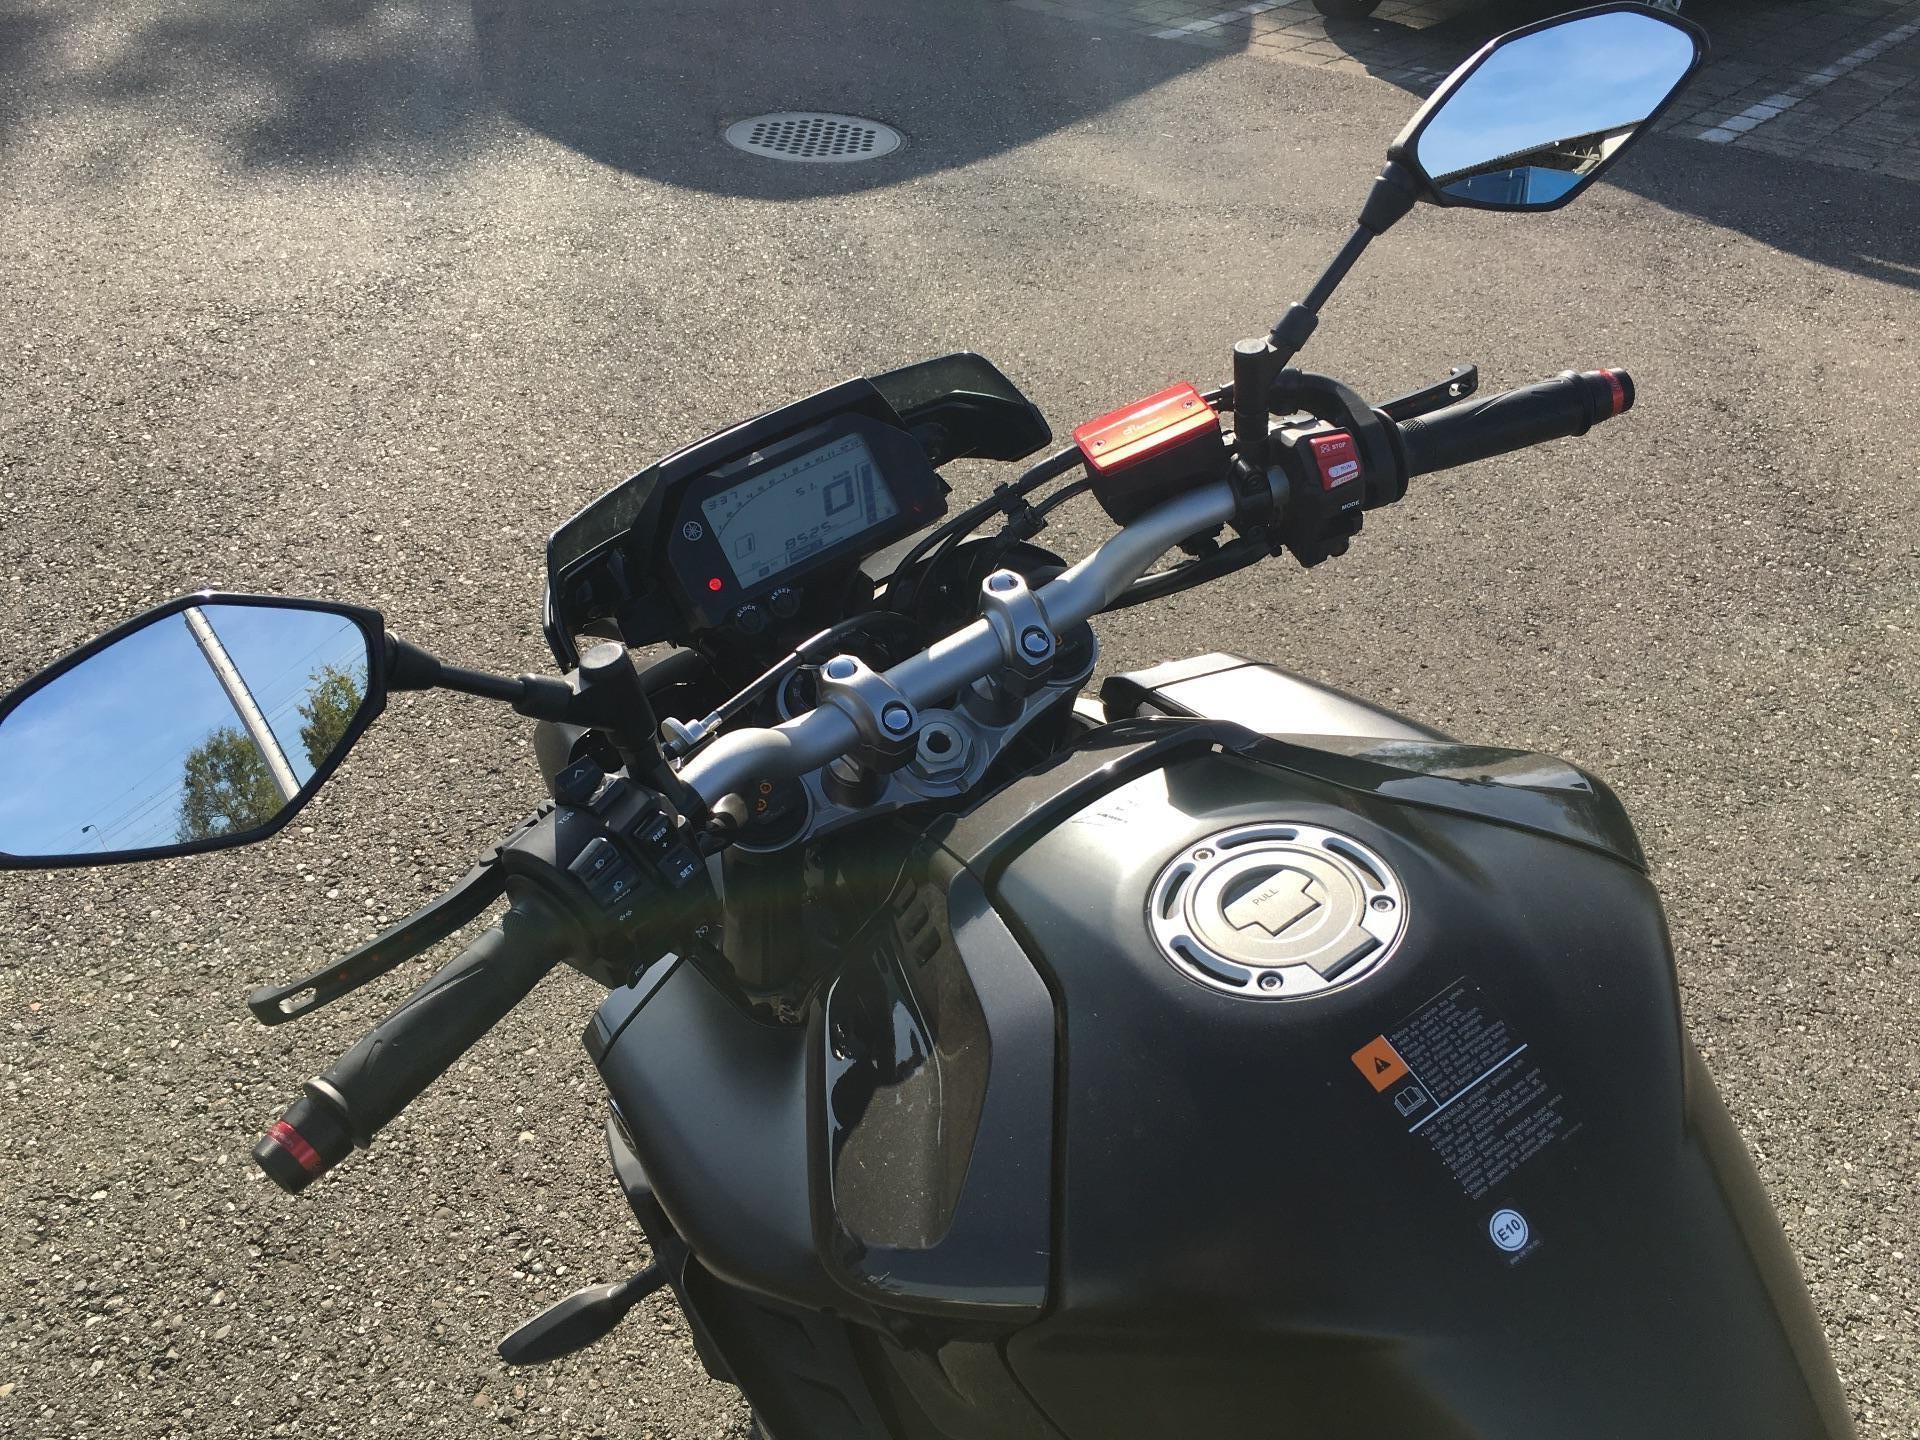 motorrad occasion kaufen yamaha mt 10 abs merz mototeam riedt bei erlen. Black Bedroom Furniture Sets. Home Design Ideas